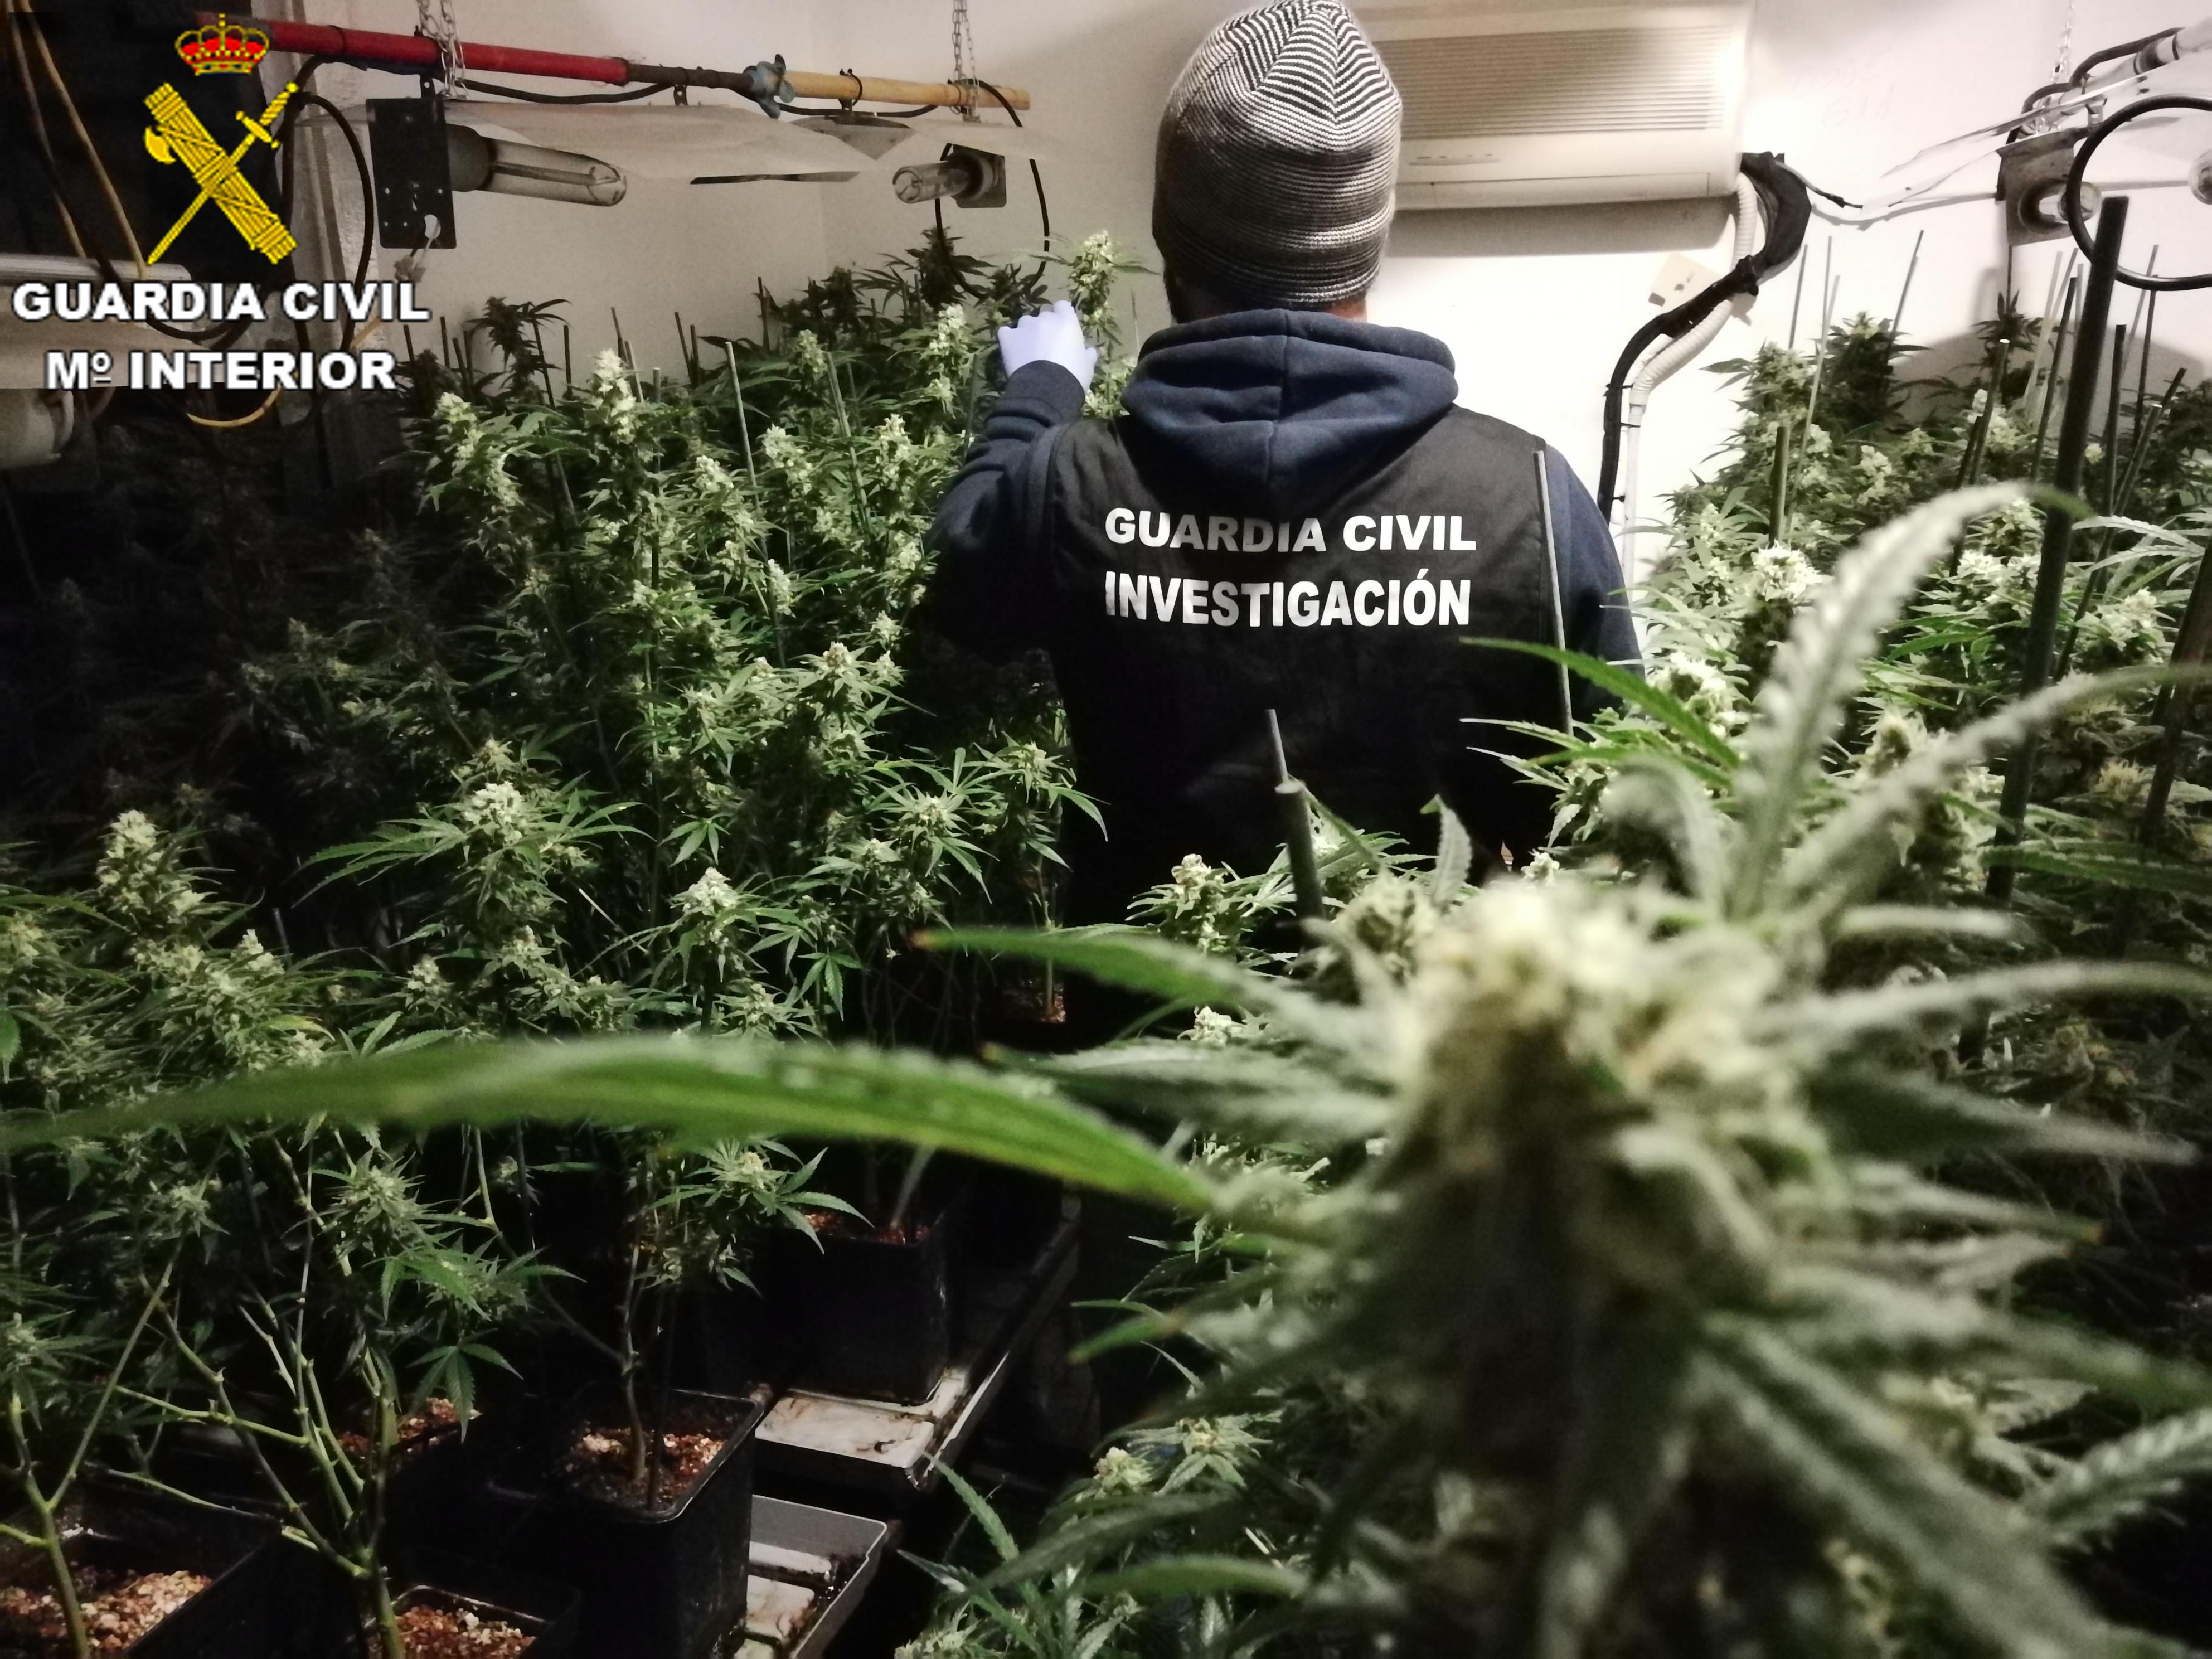 Plantación de marihuana con la incautación de 360 plantas en diferentes tamaños de crecimiento.